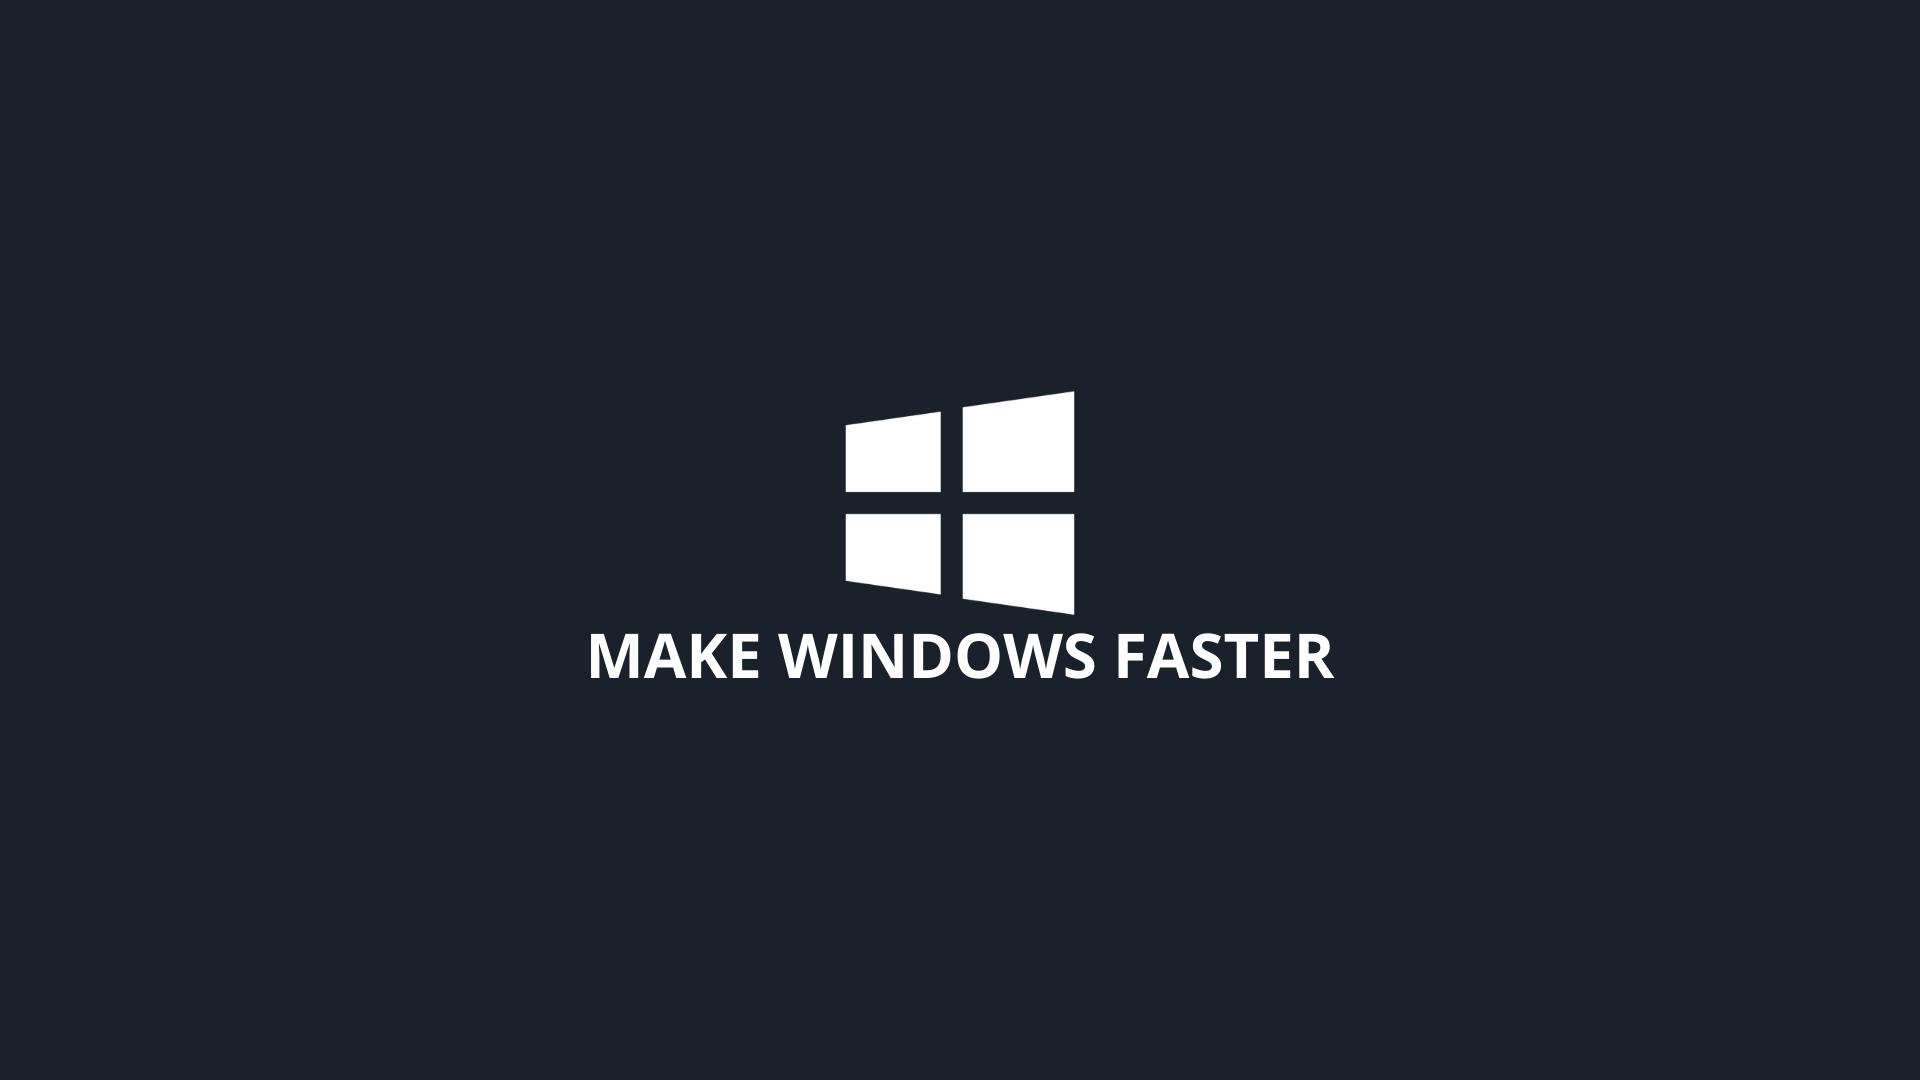 Make Windows Faster